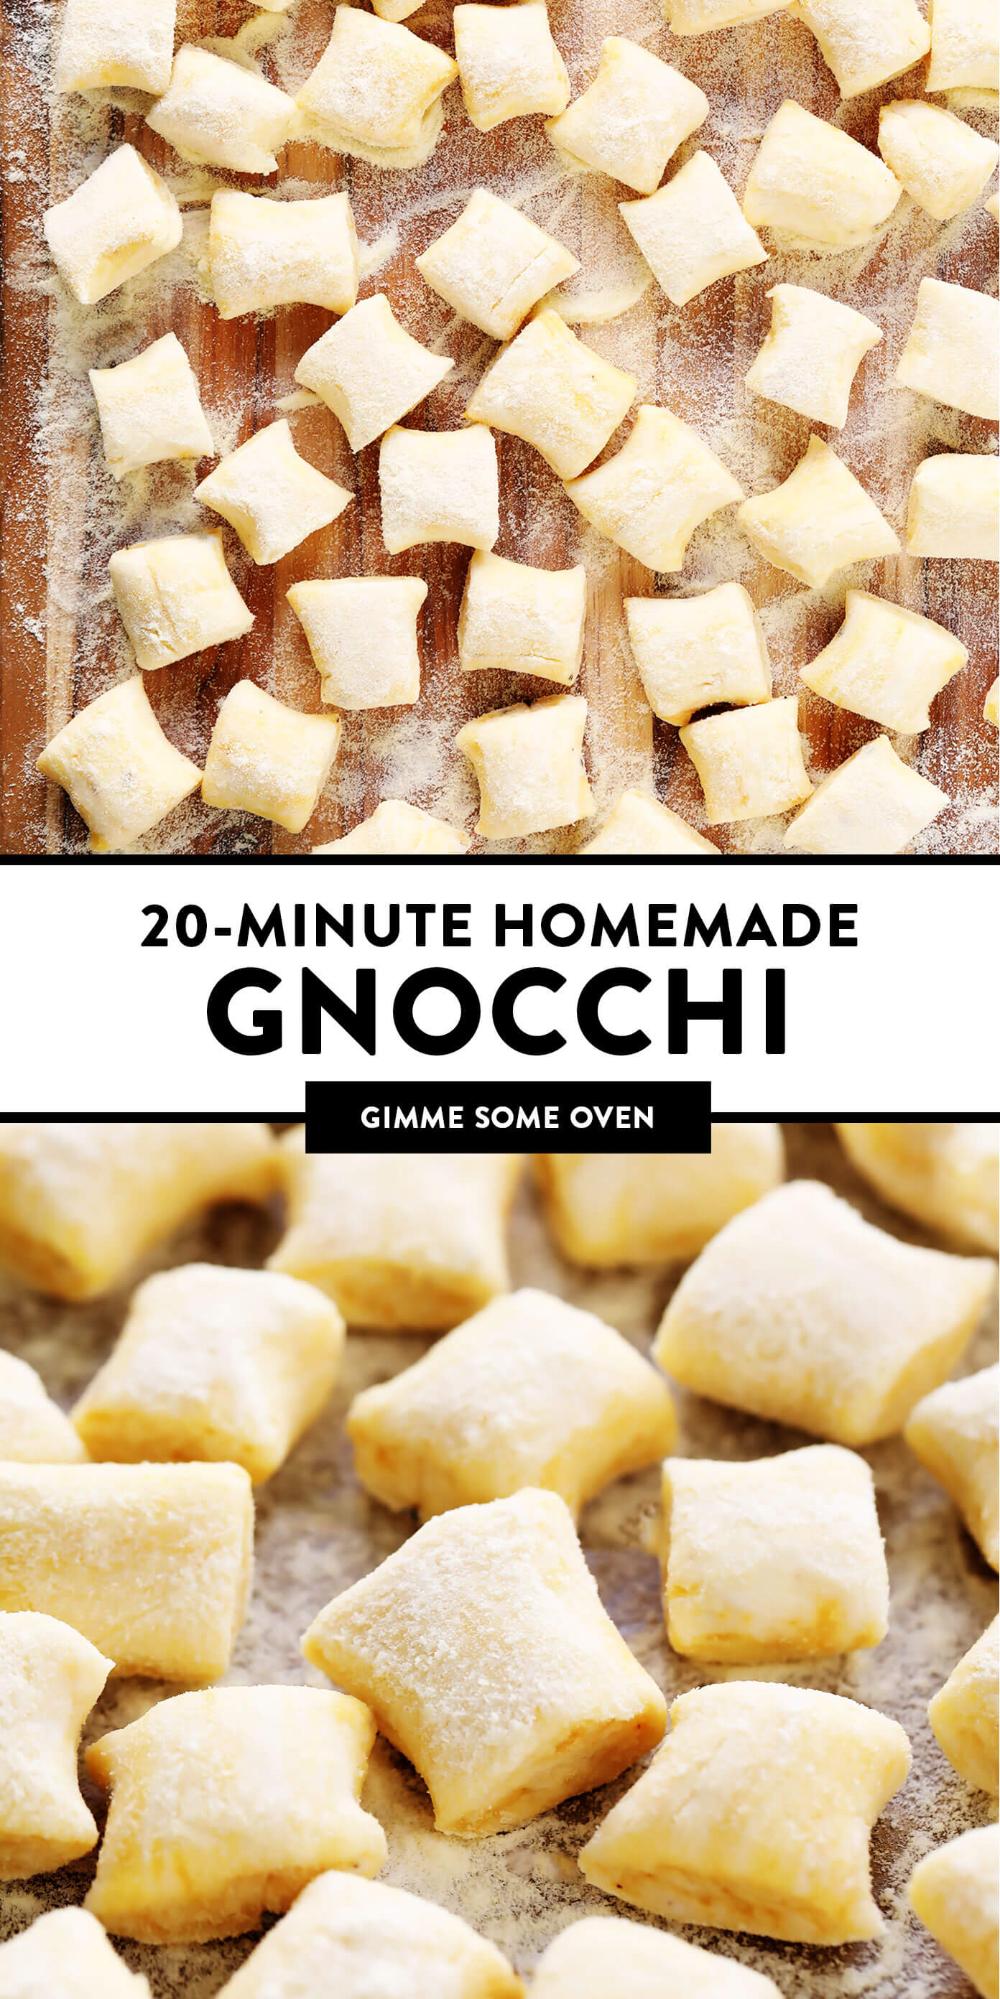 20 Minute Ricotta Gnocchi Gimme Some Oven Recipe Gnocchi Recipes Homemade Homemade Recipes Food